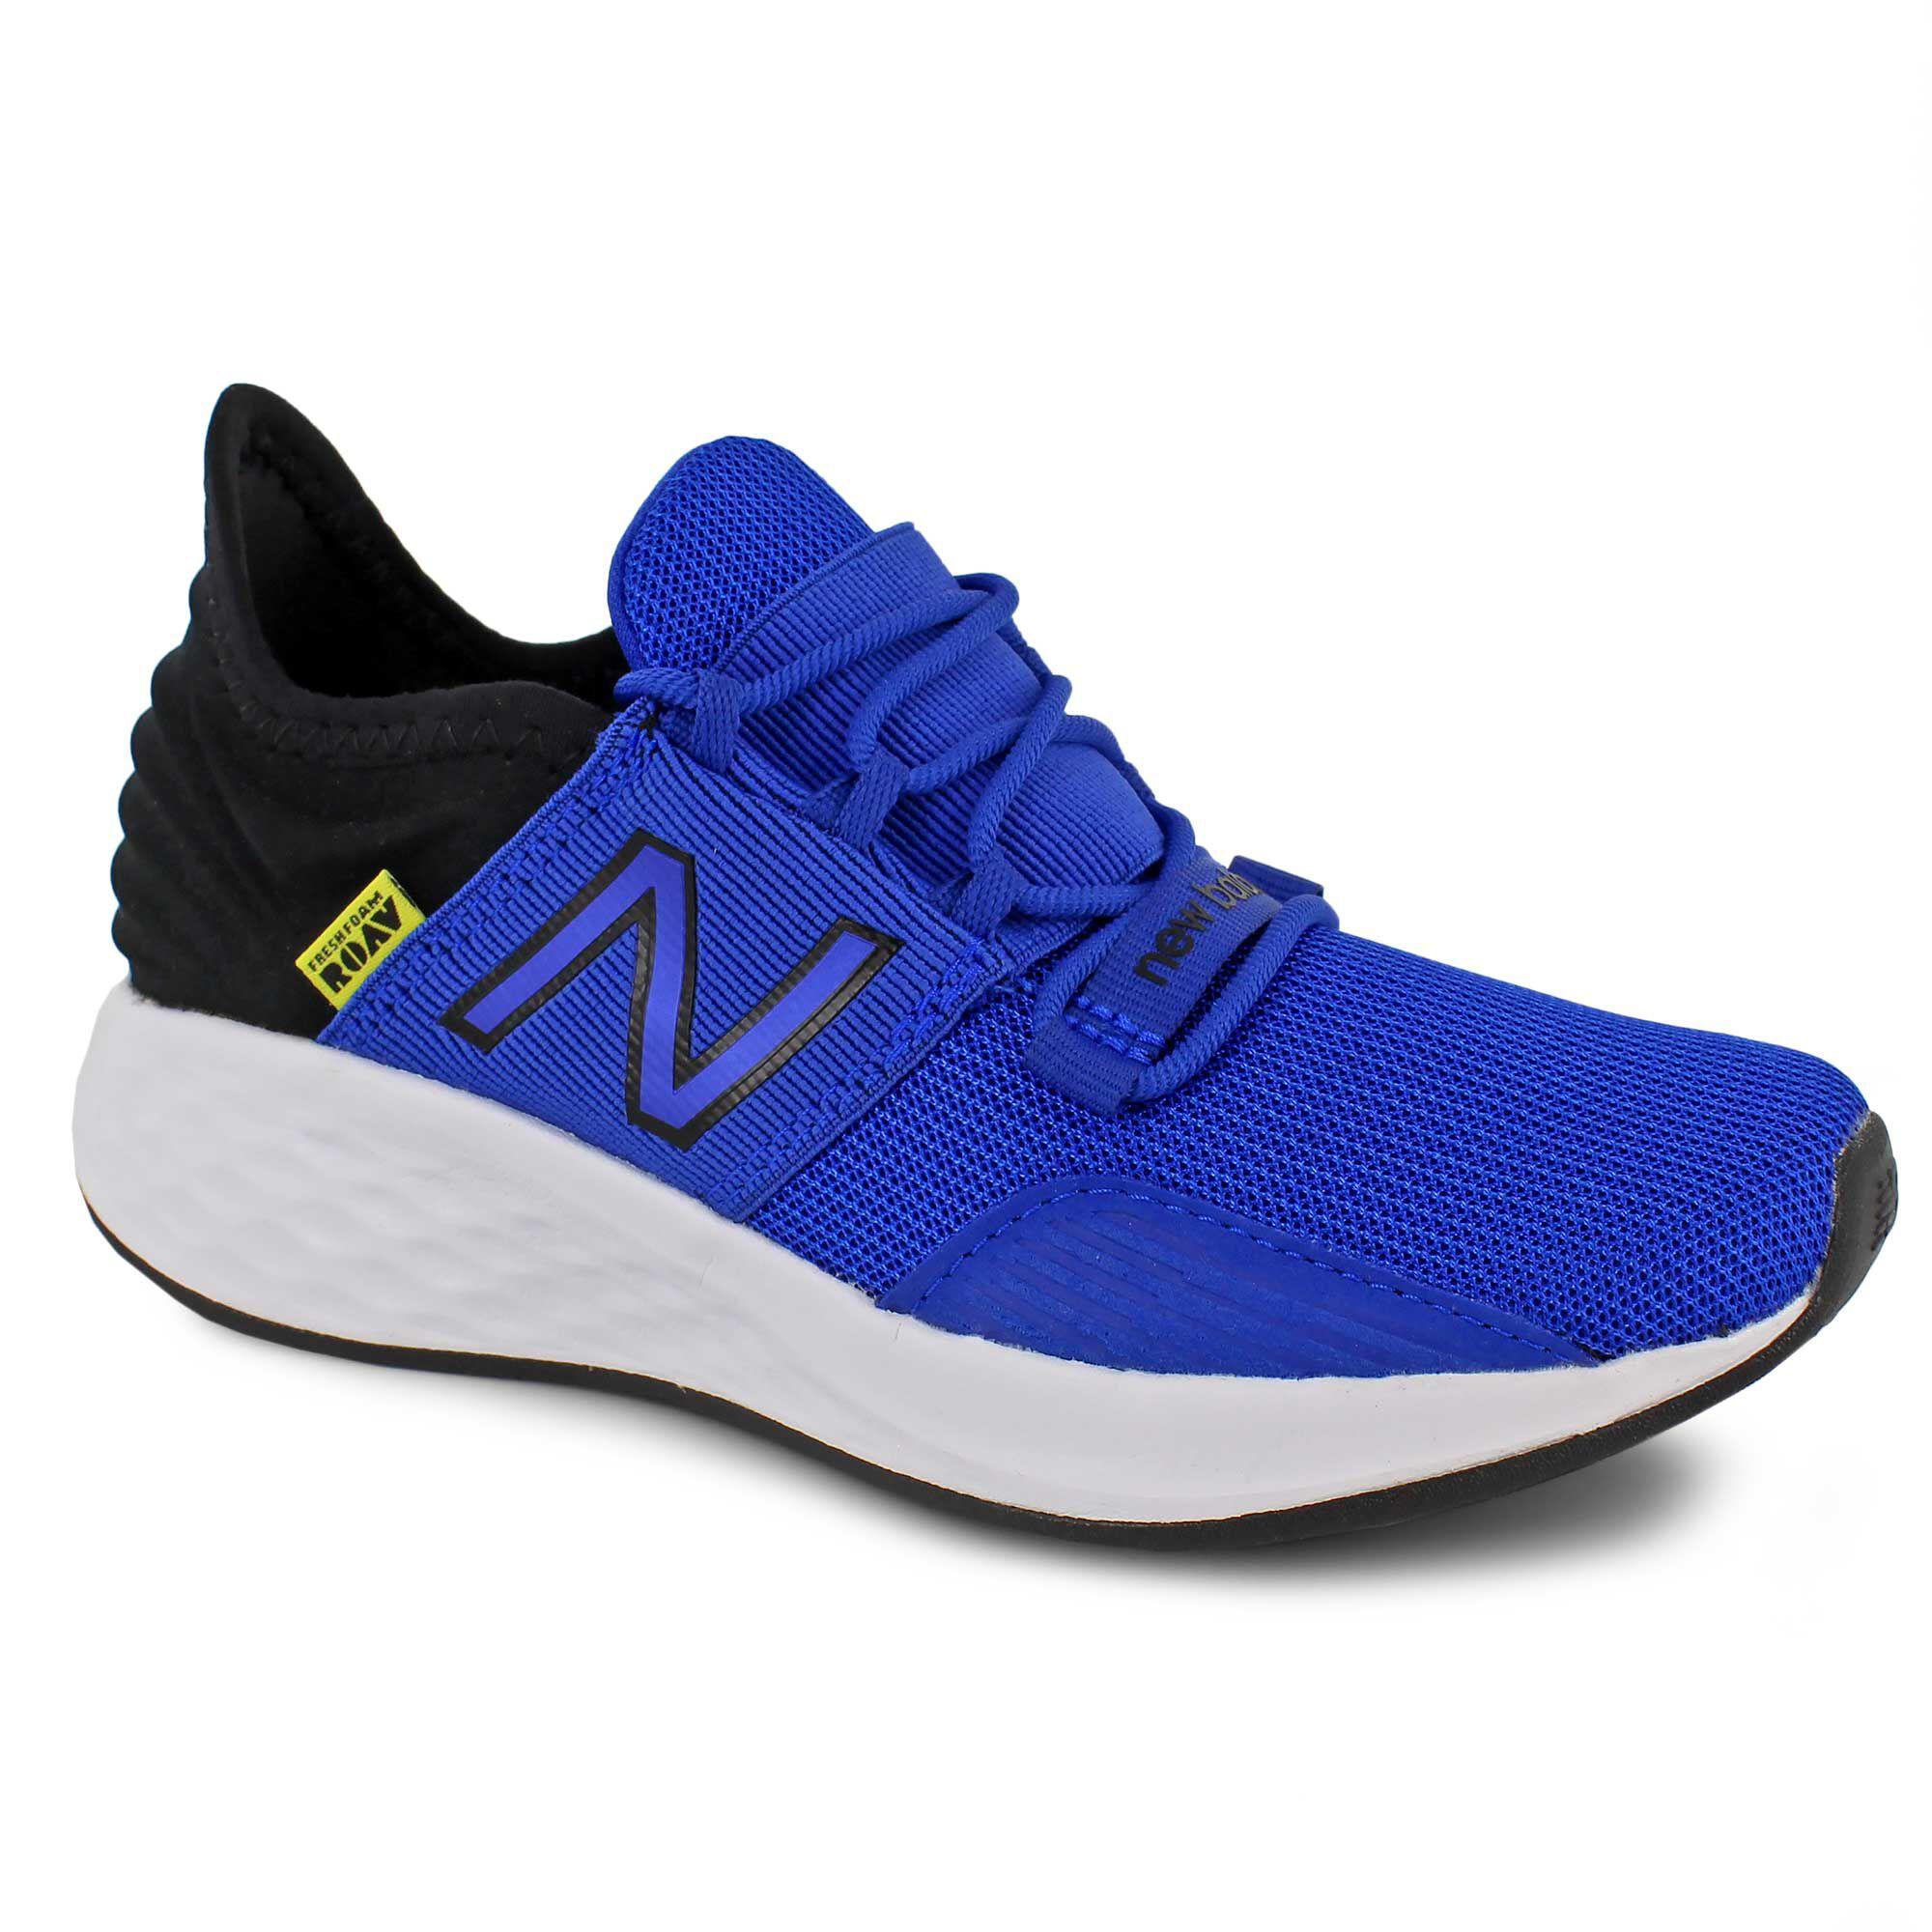 New Balance | Shop Now at SHOE DEPT. ENCORE